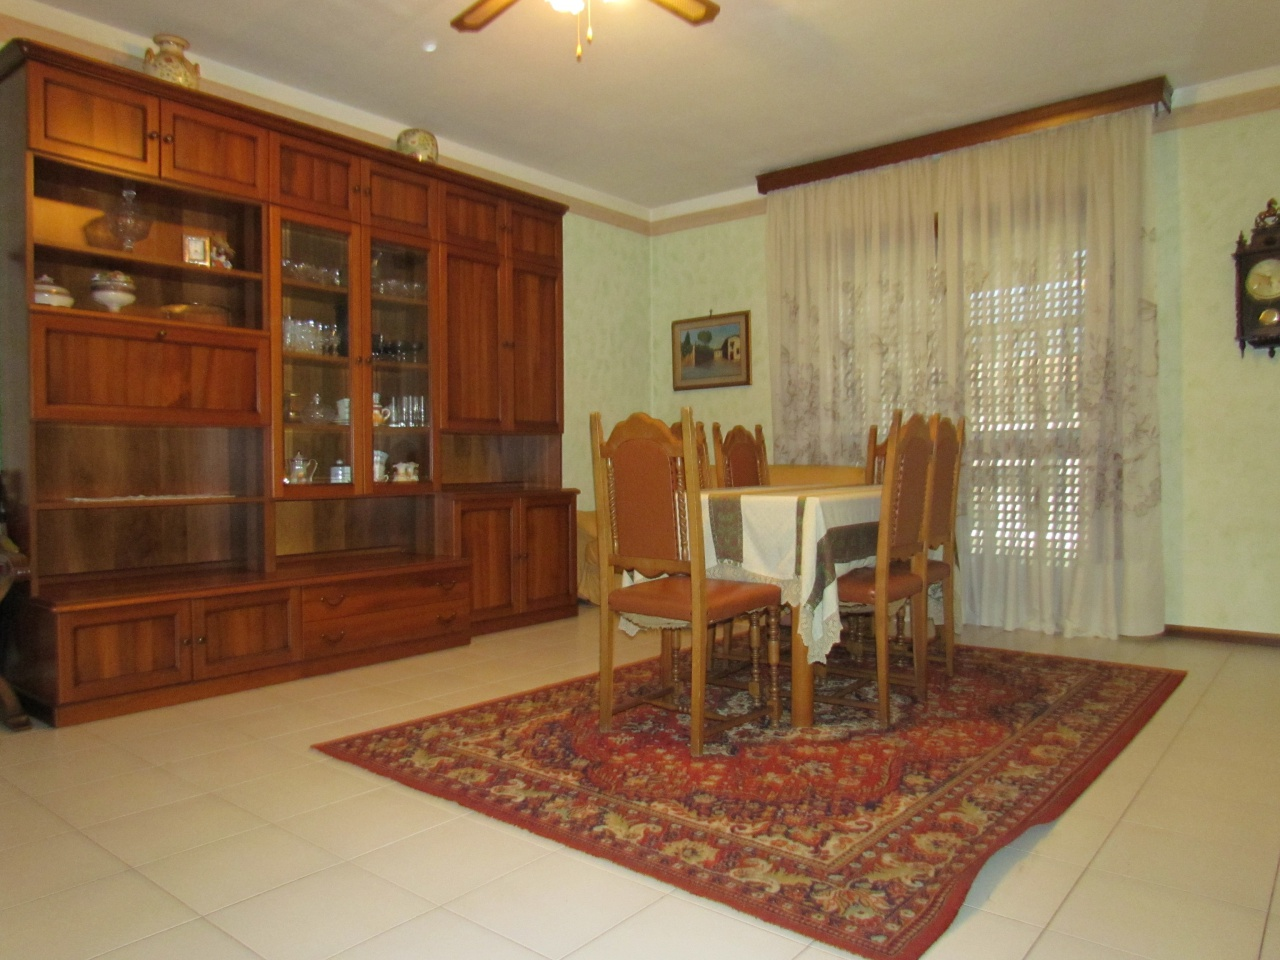 Appartamento in vendita a Lucca, 4 locali, prezzo € 145.000 | CambioCasa.it